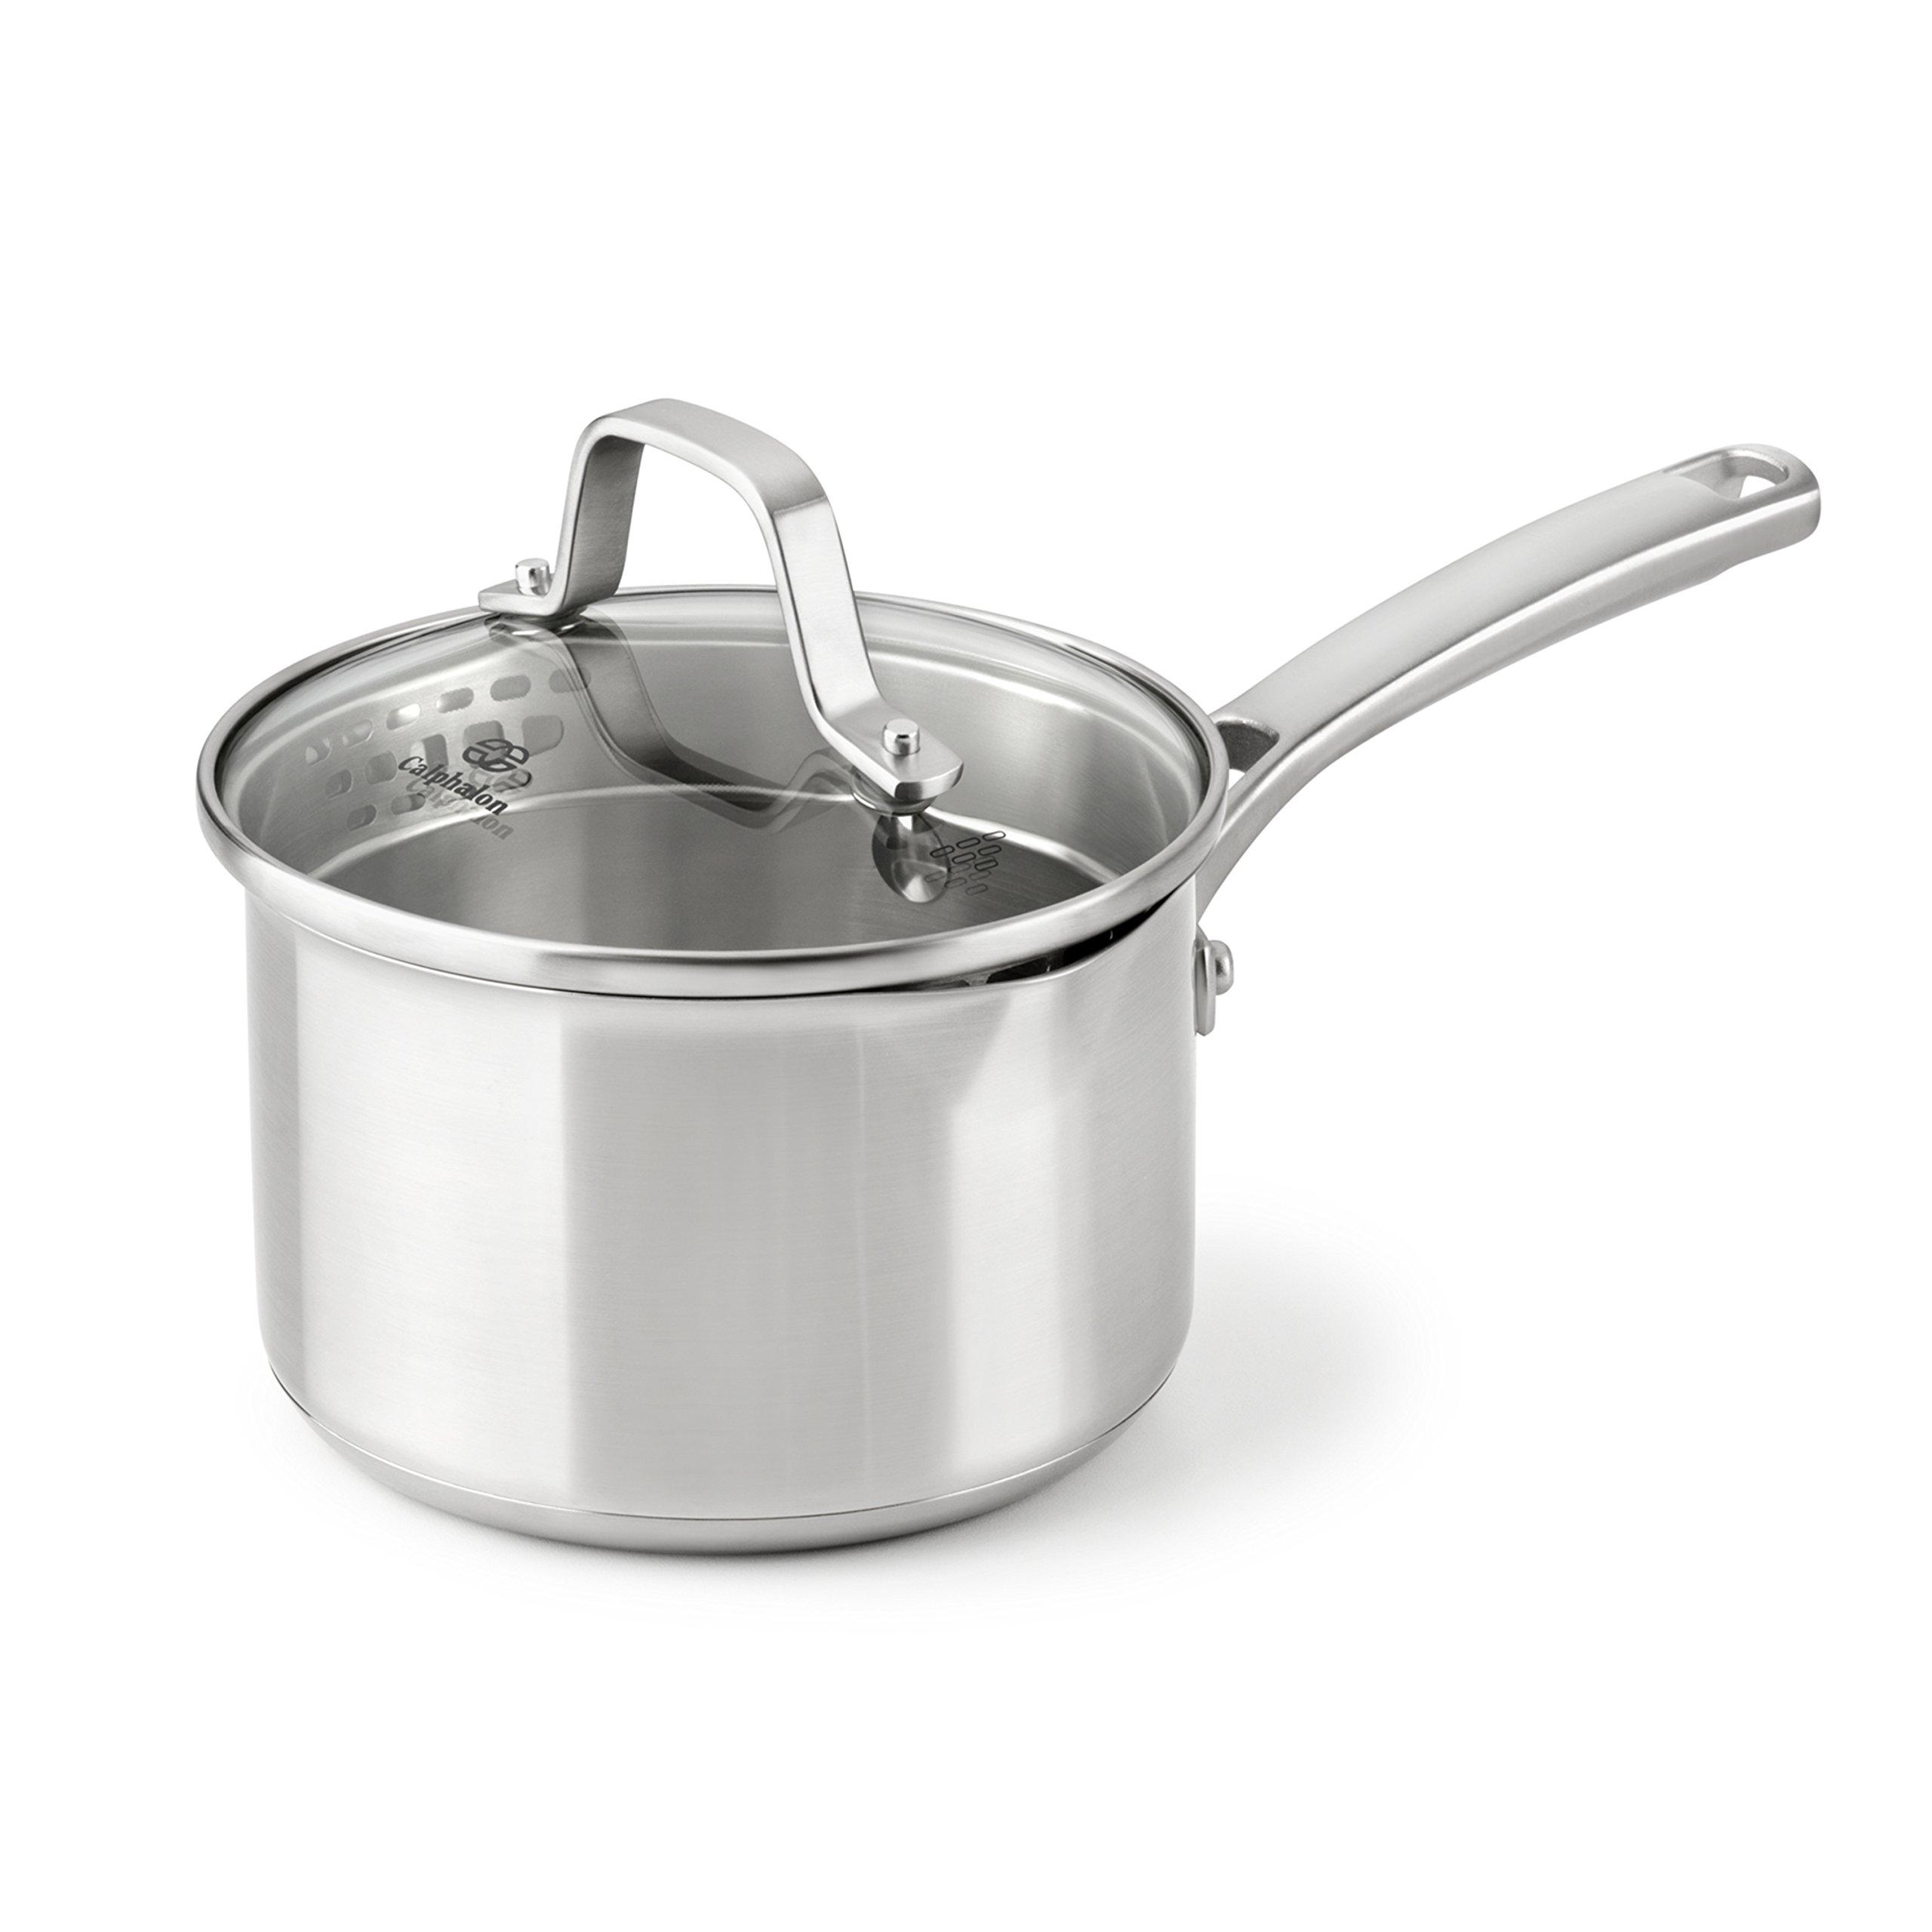 Calphalon Classic Stainless Steel Cookware, Sauce Pan, 1 1/2-quart by Calphalon